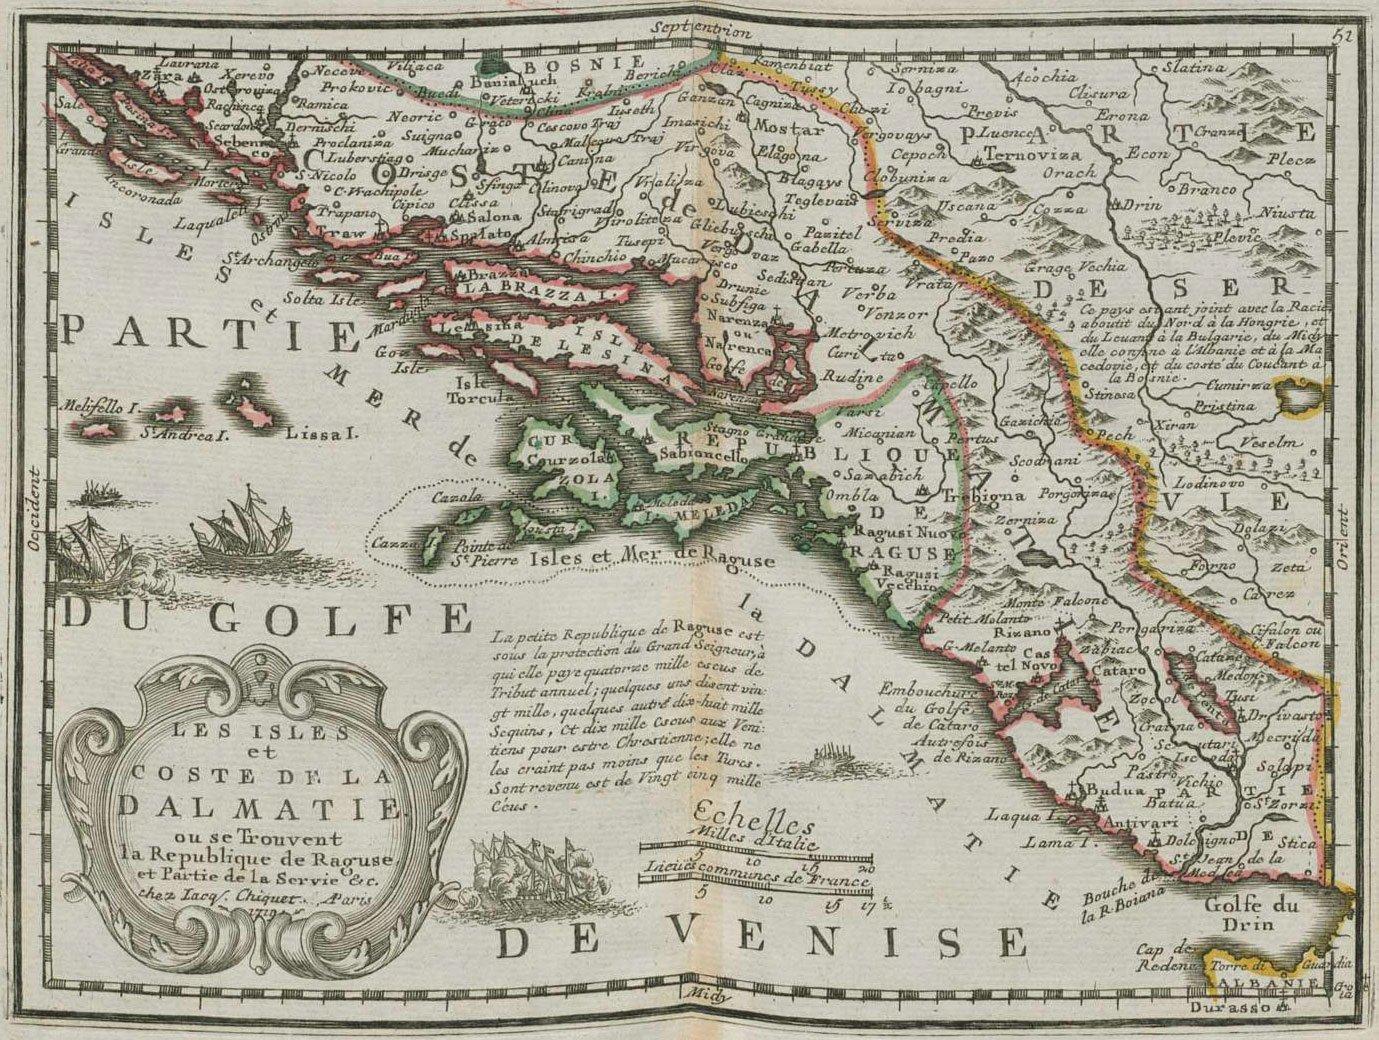 Карта Далмации, 1719 г. maps, балканы, картографическая подборка, картография, карты, карты Балкан